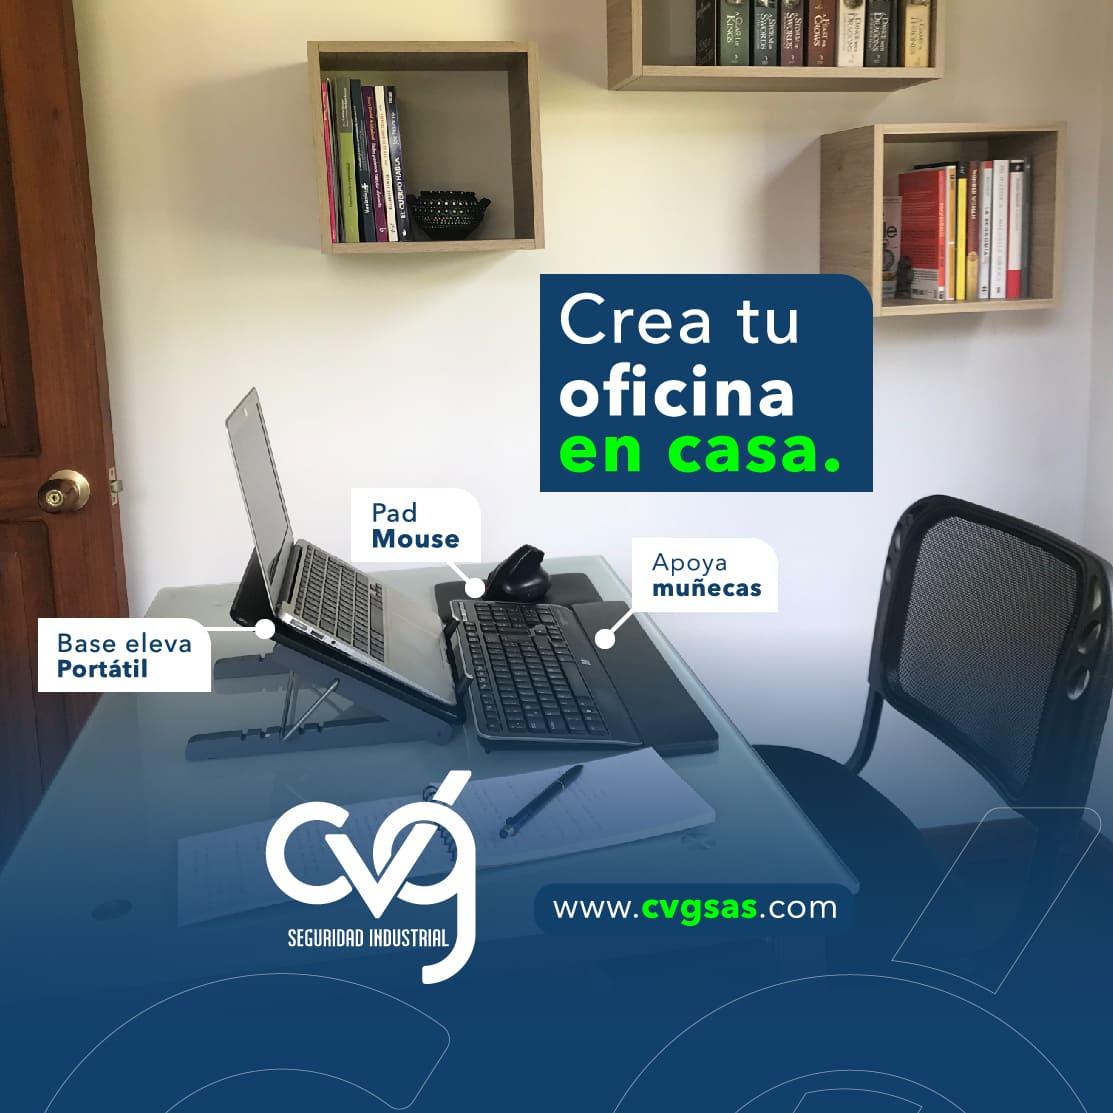 Crea tu Oficina en Casa CVG